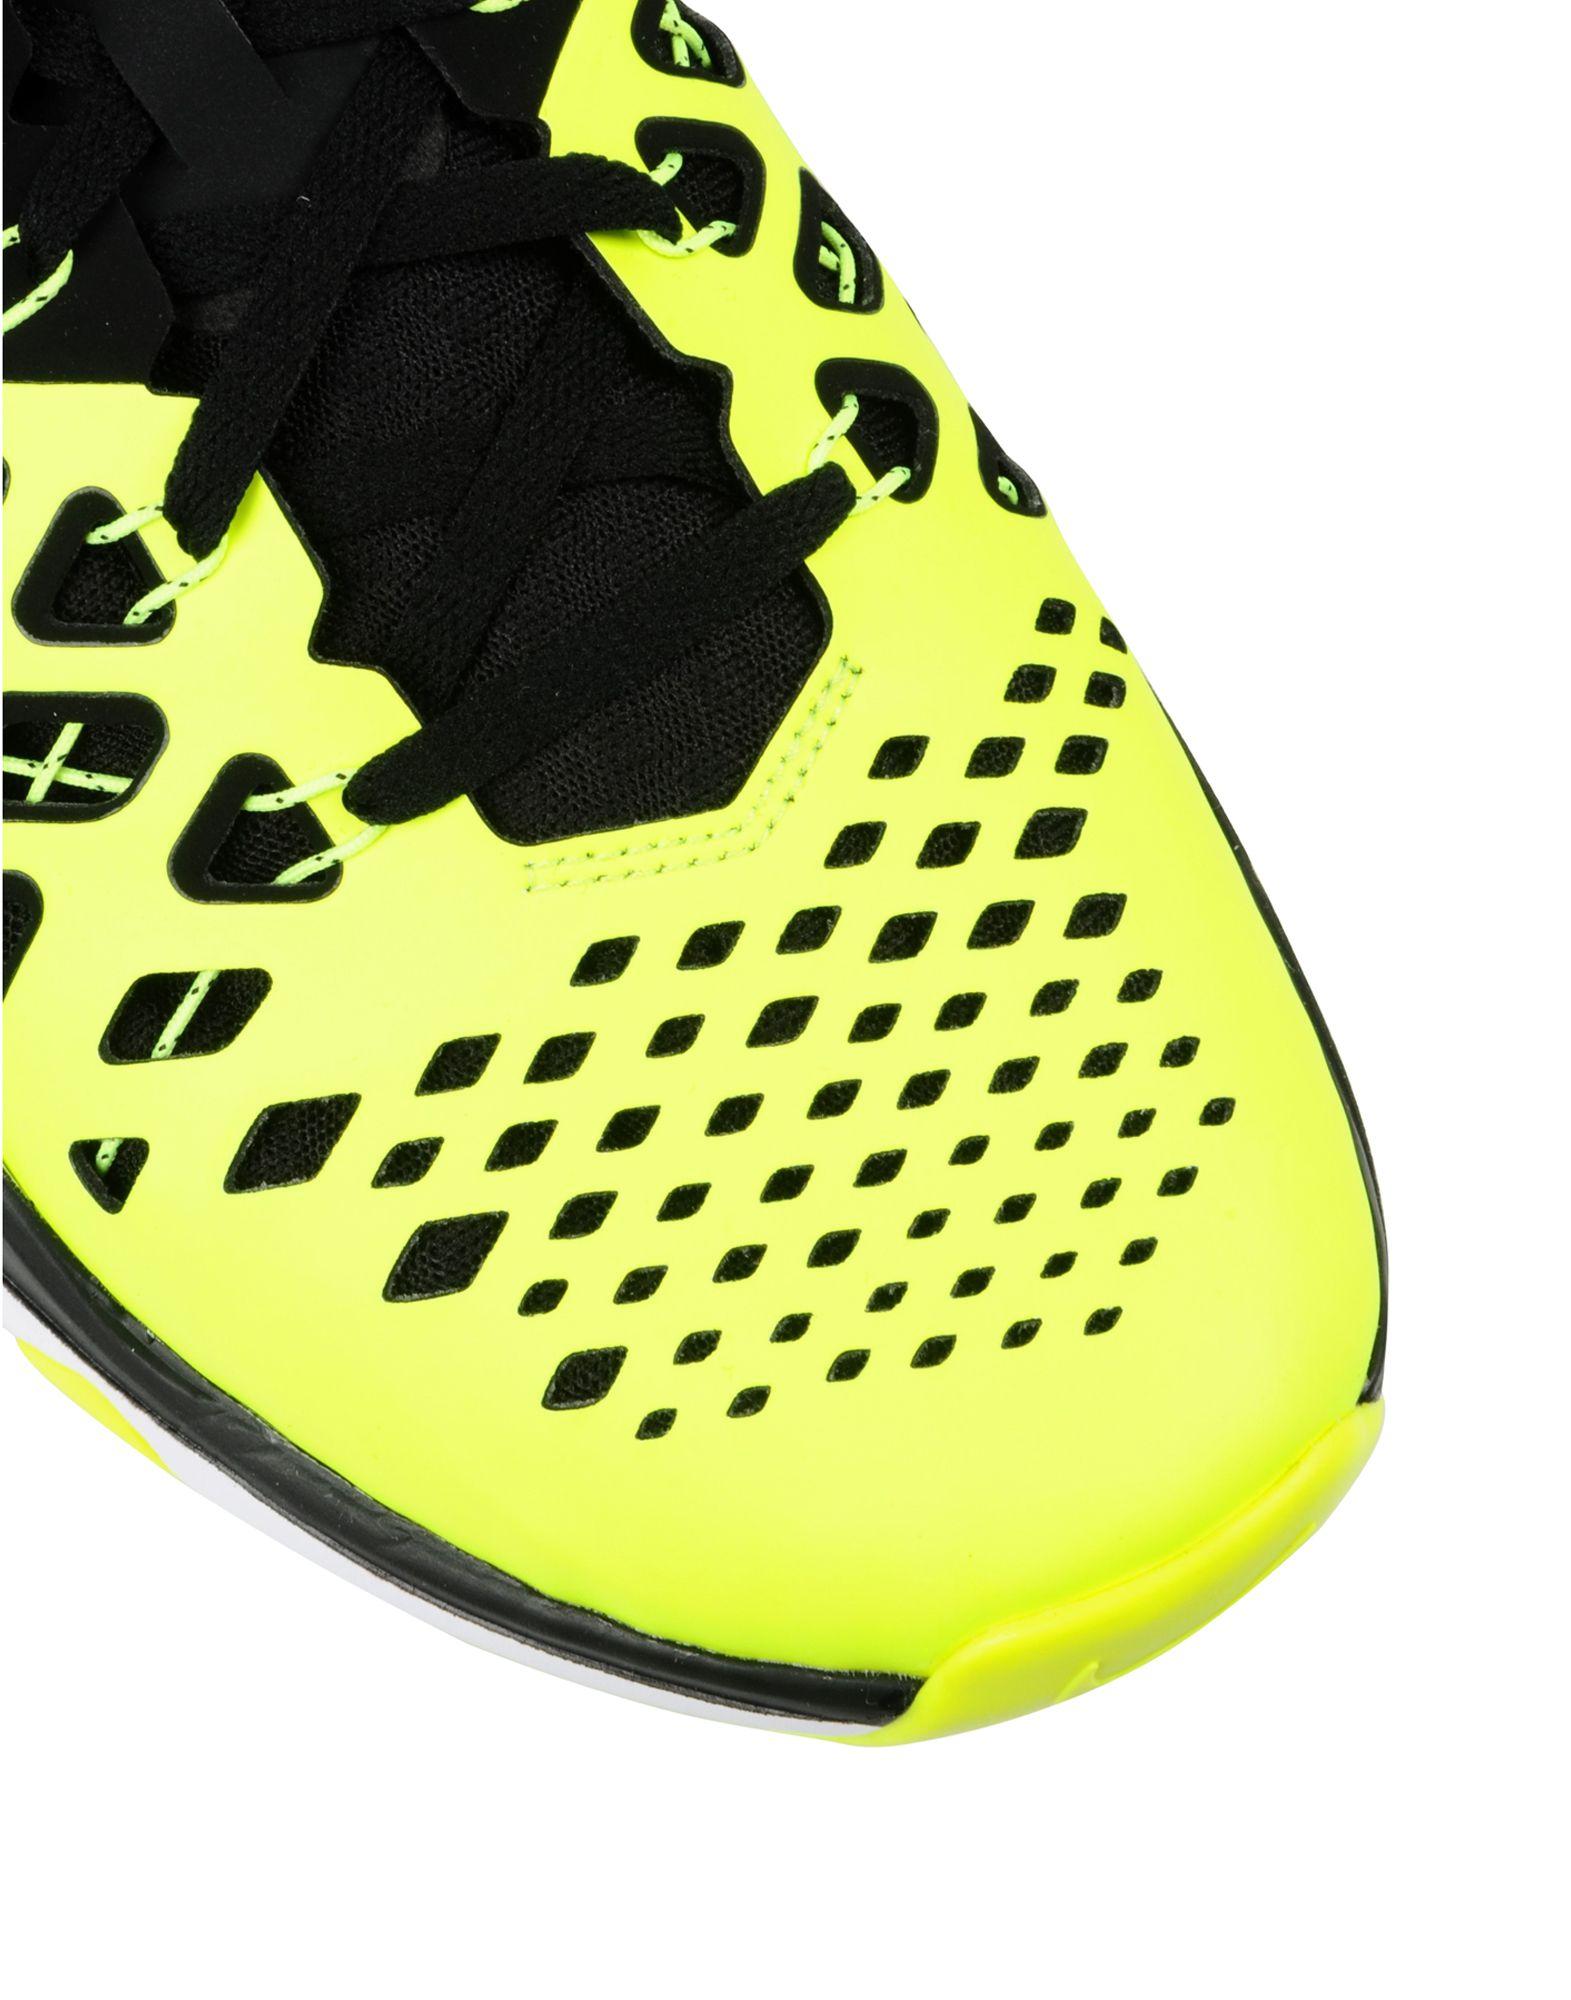 Sneakers Nike  Train Speed 4 - Homme - Sneakers Nike sur